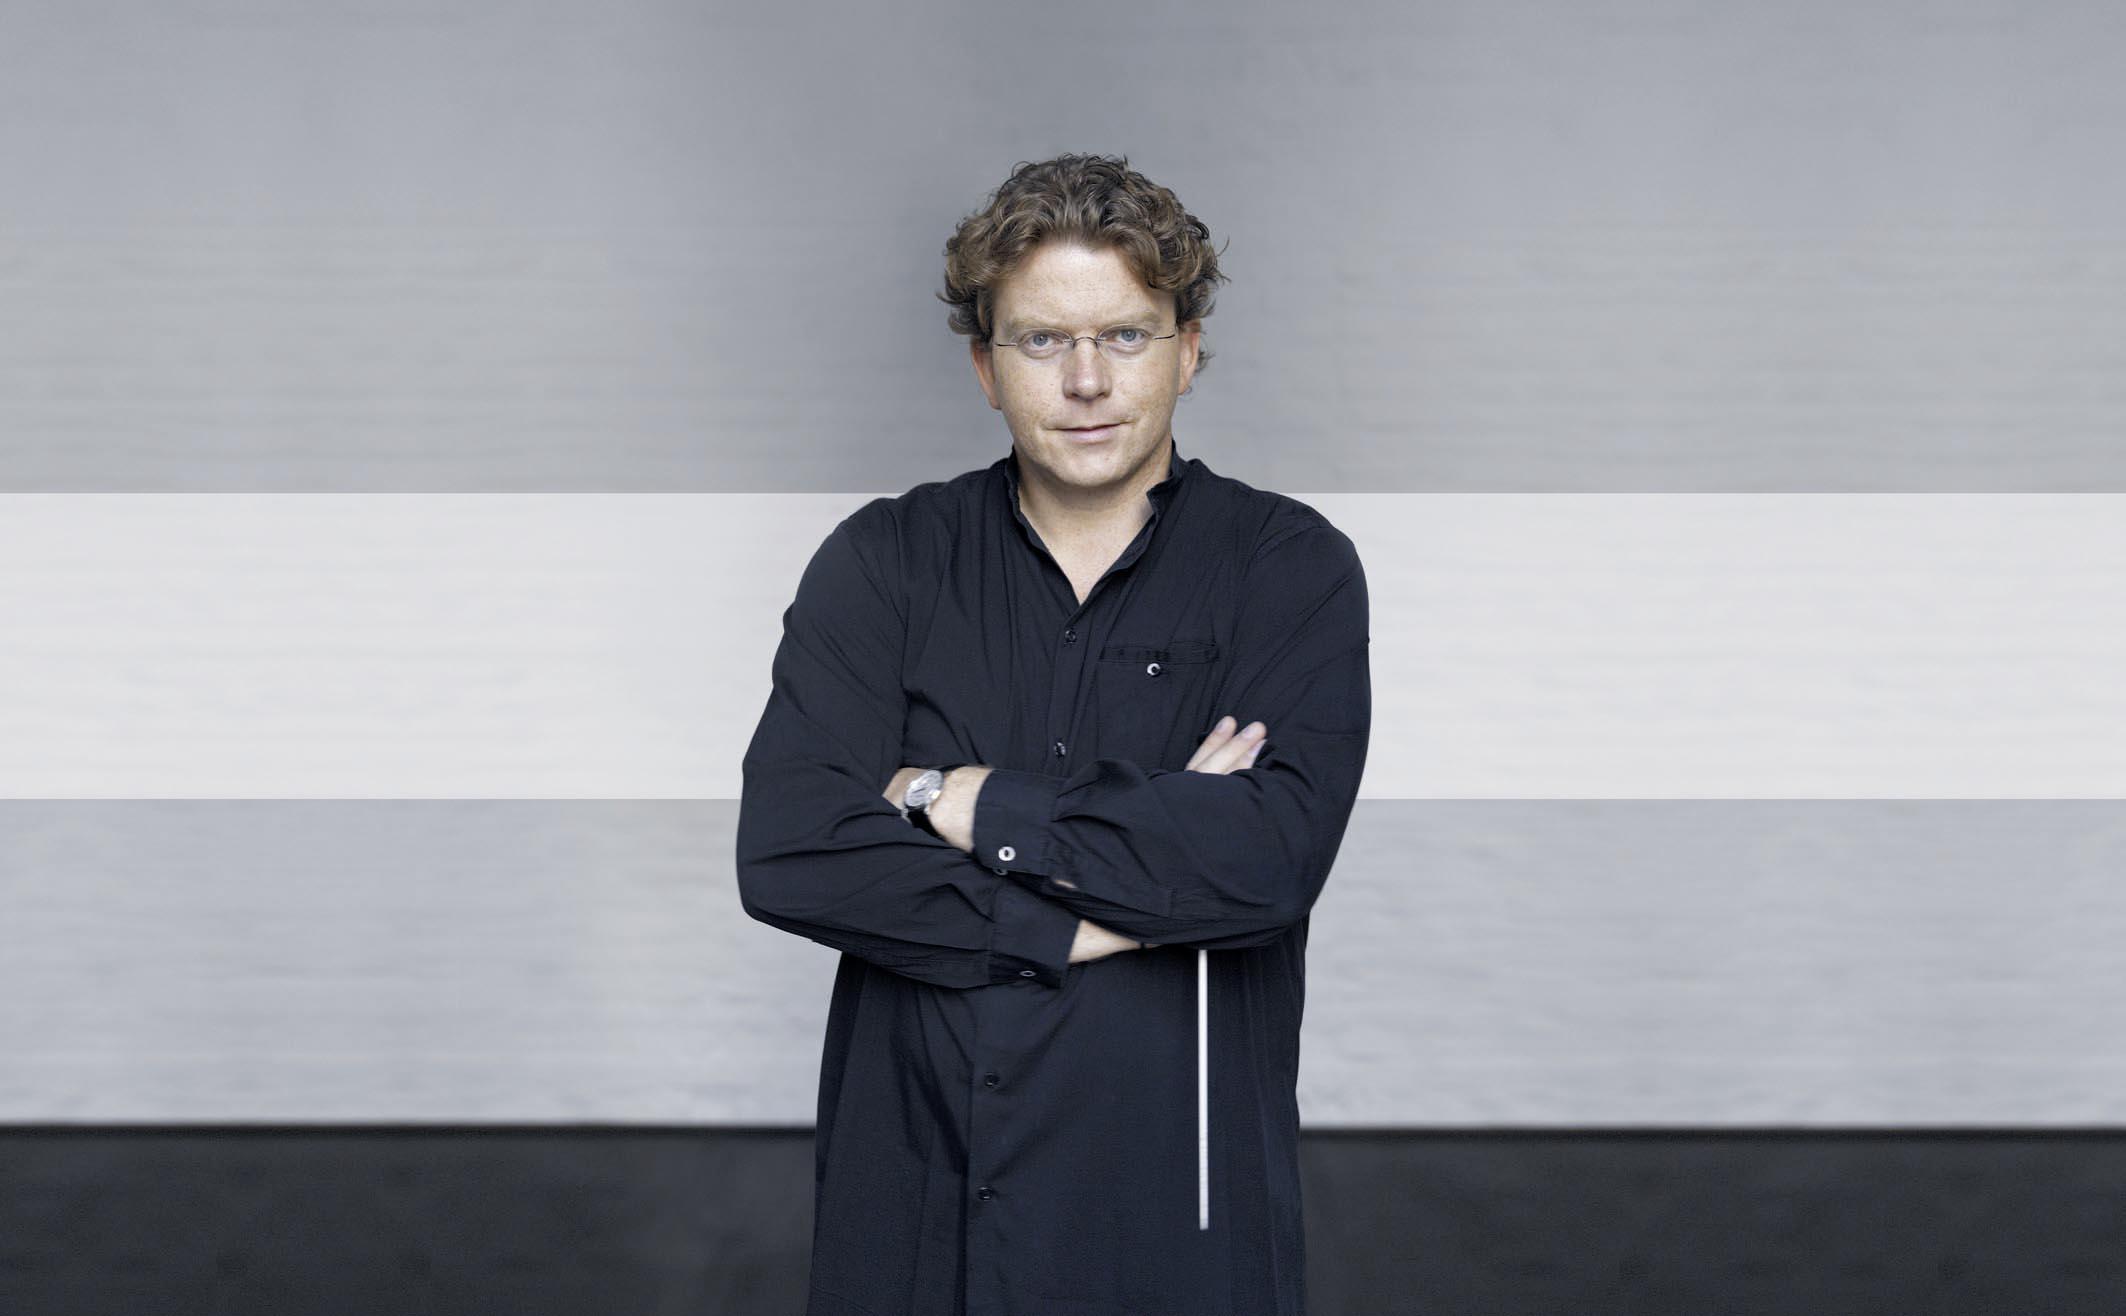 Marcus Bosch, Künstlerischer Direktor der Opernfestpiele Heidenheim, Generalmusikdirektor des Sinfonieorchesters Aachen und Chefdirigent der Nürnberger Symphoniker